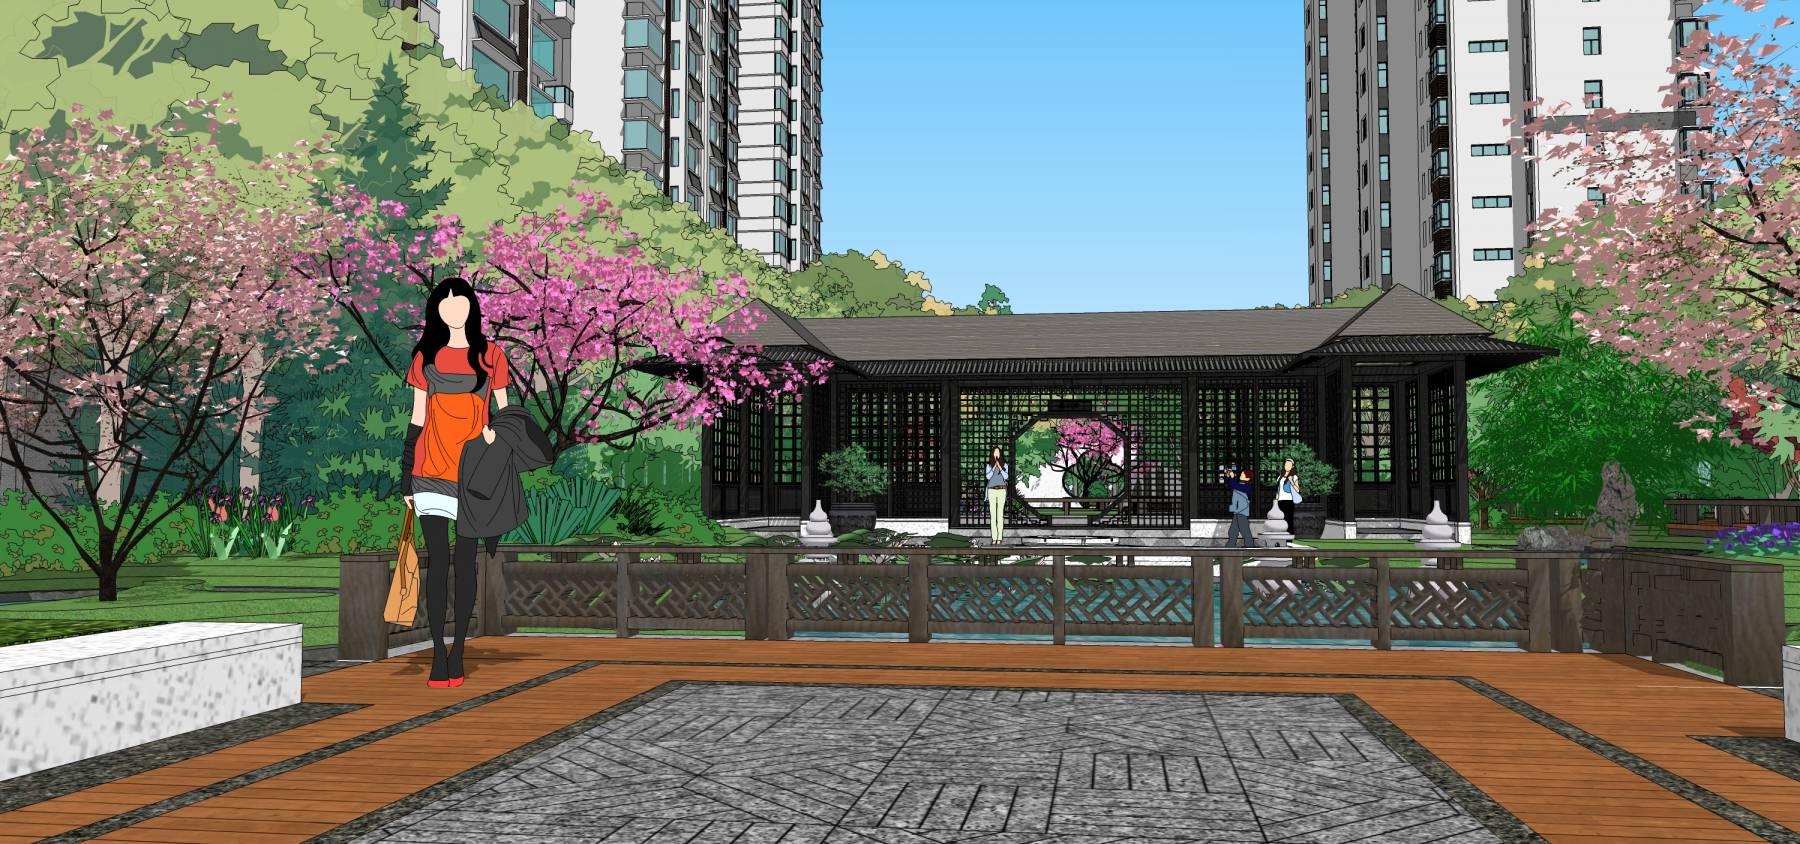 中式小区新中式小区中式入口景观中式场景景观